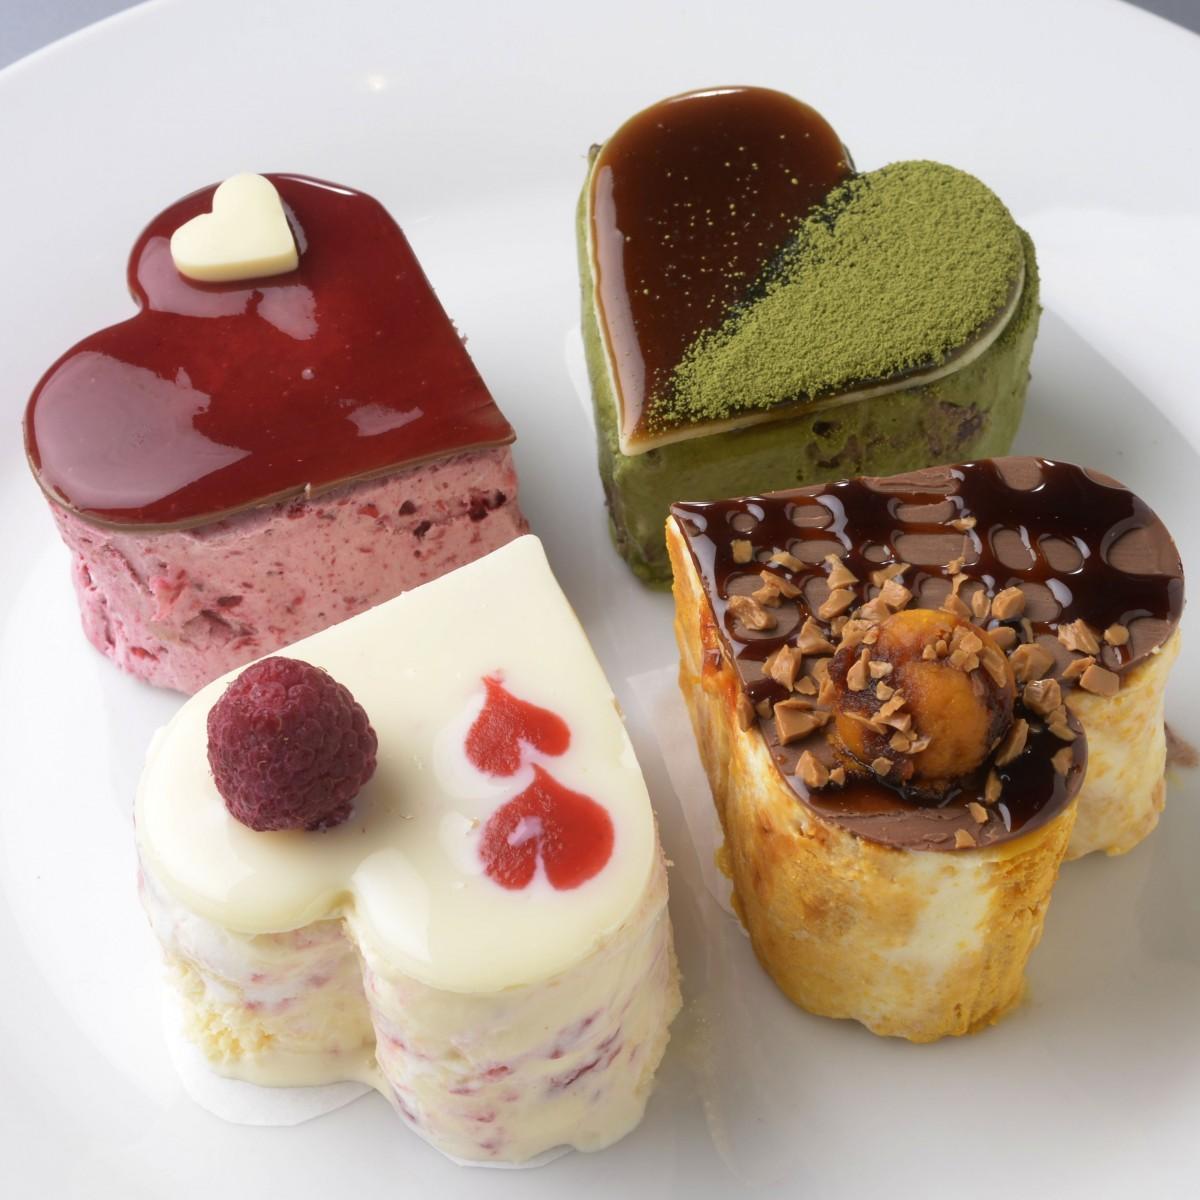 「ラブリーアイスクリーム」メニューから(写真右上から右回りで)「抹茶」「パンプキンタルト」「ラブリーショートケーキ」「ラブリーベリー」